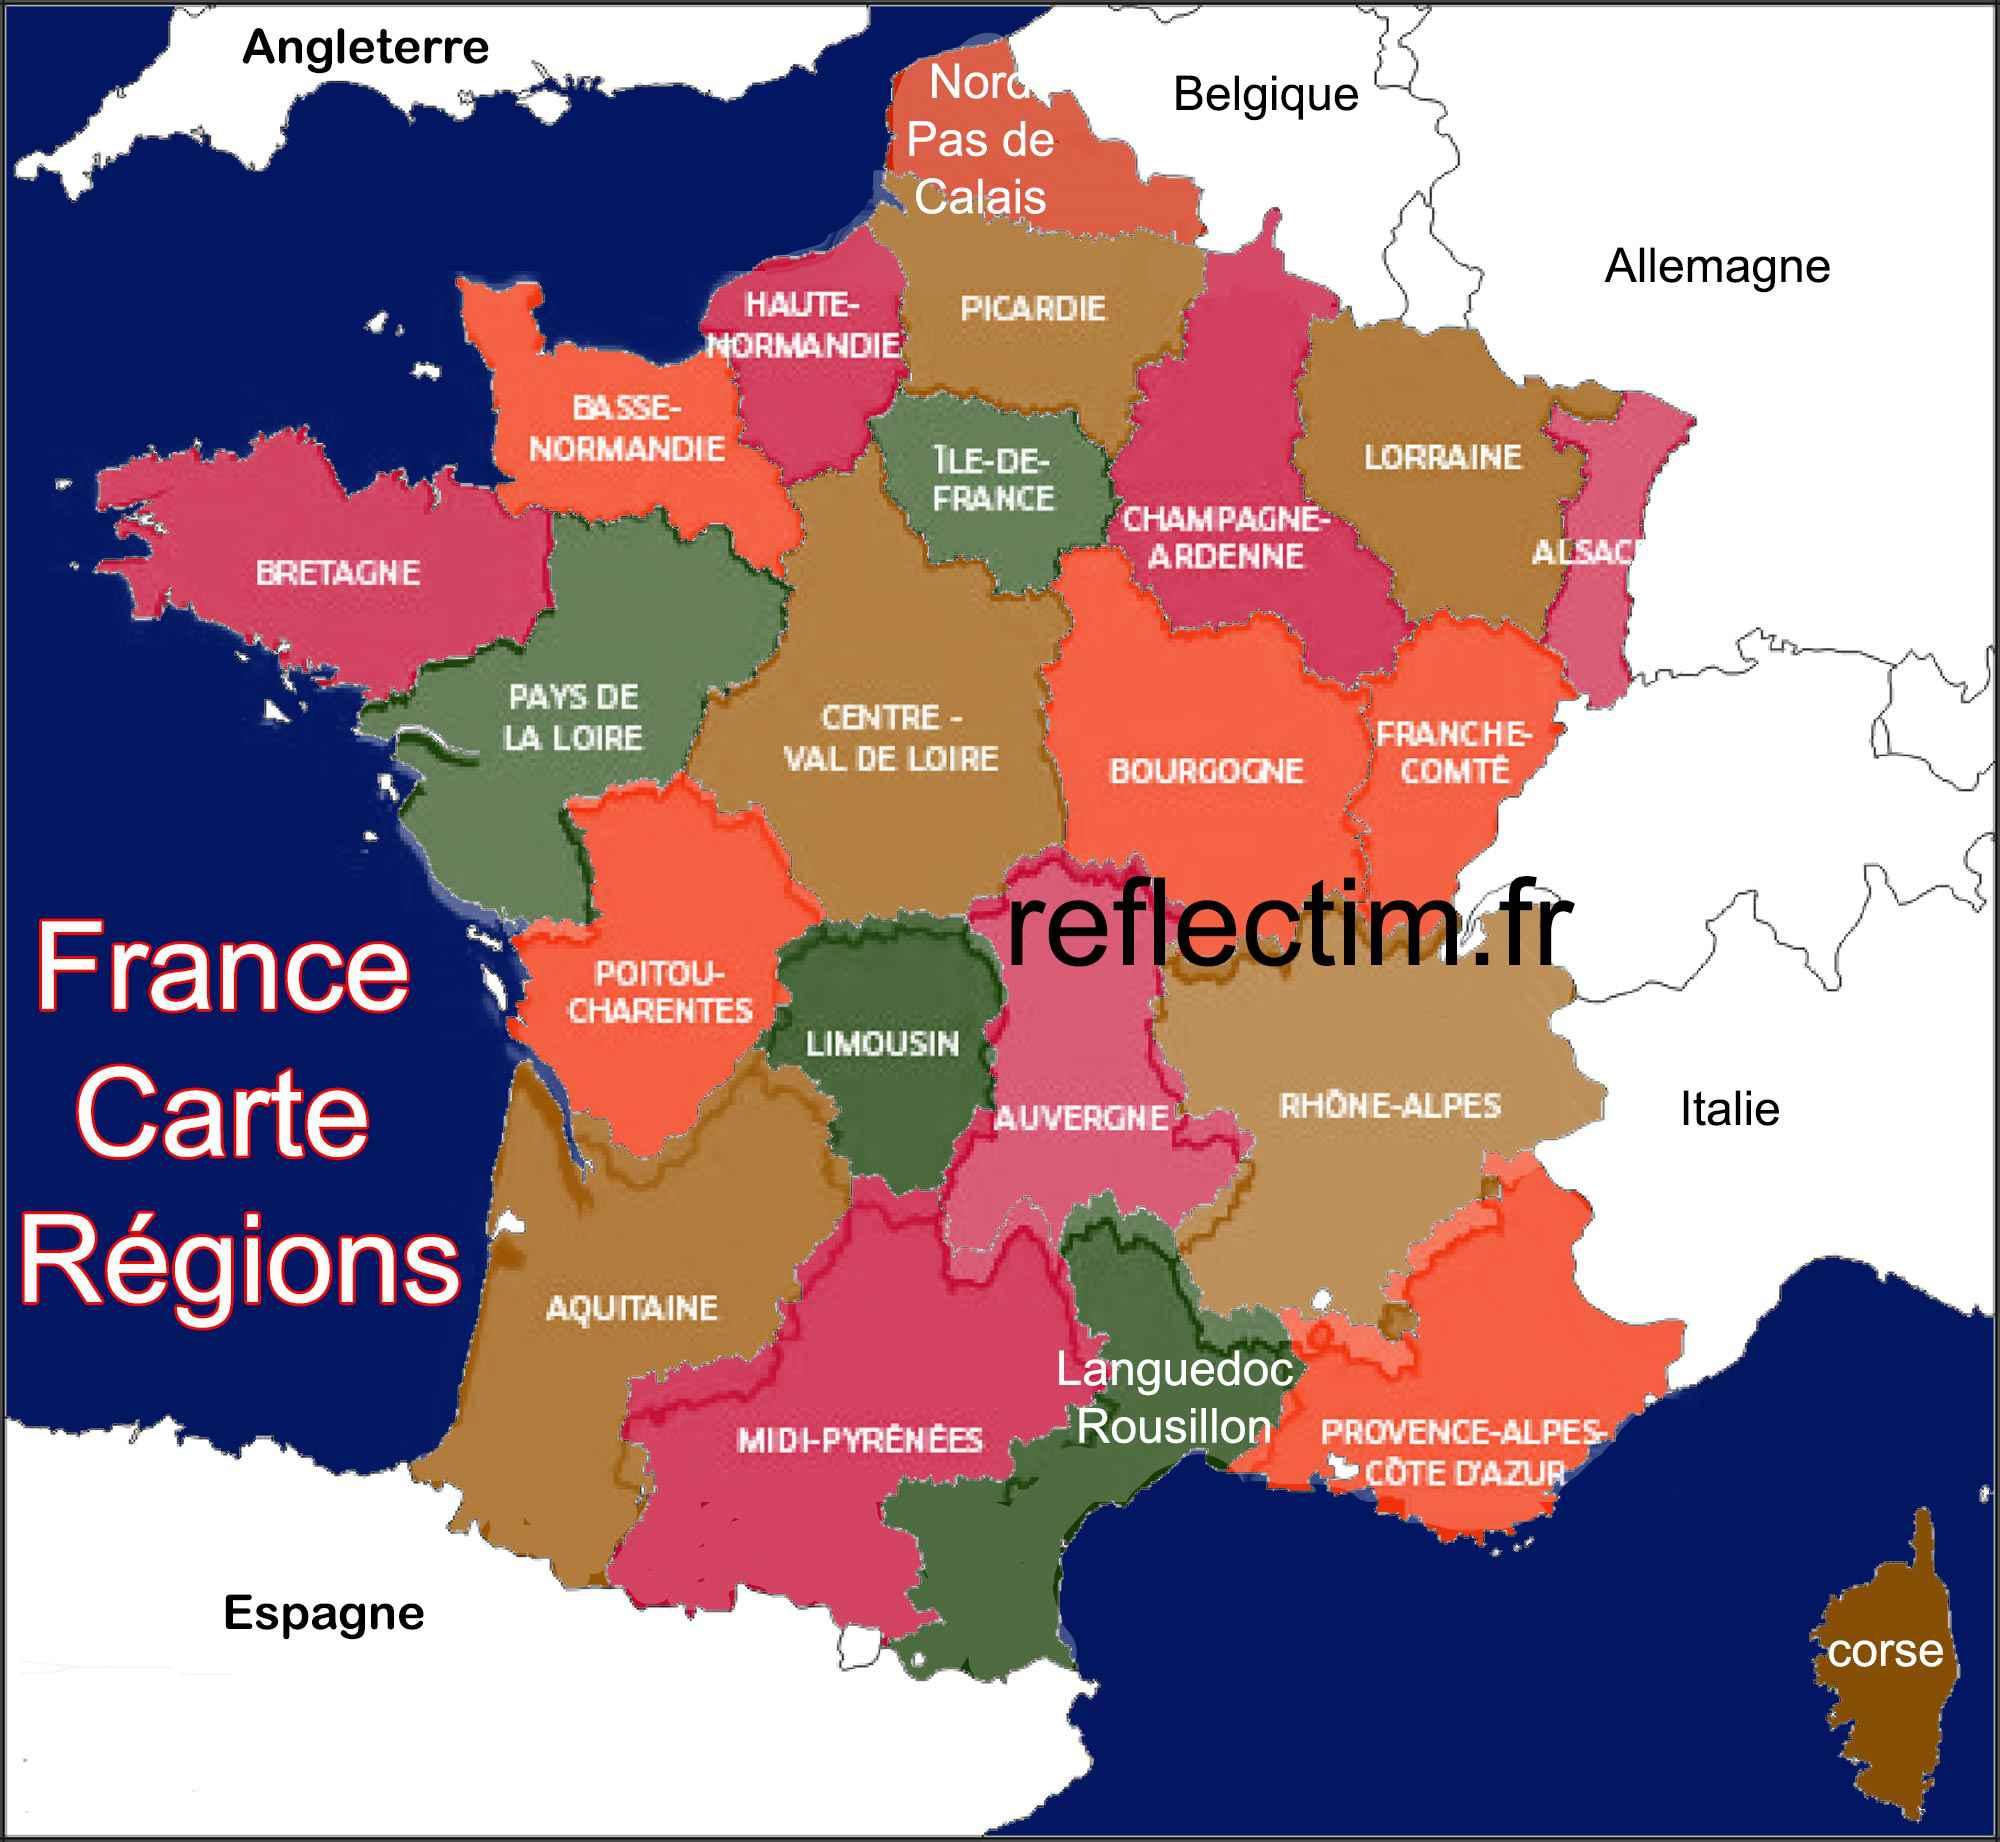 voyage region de france